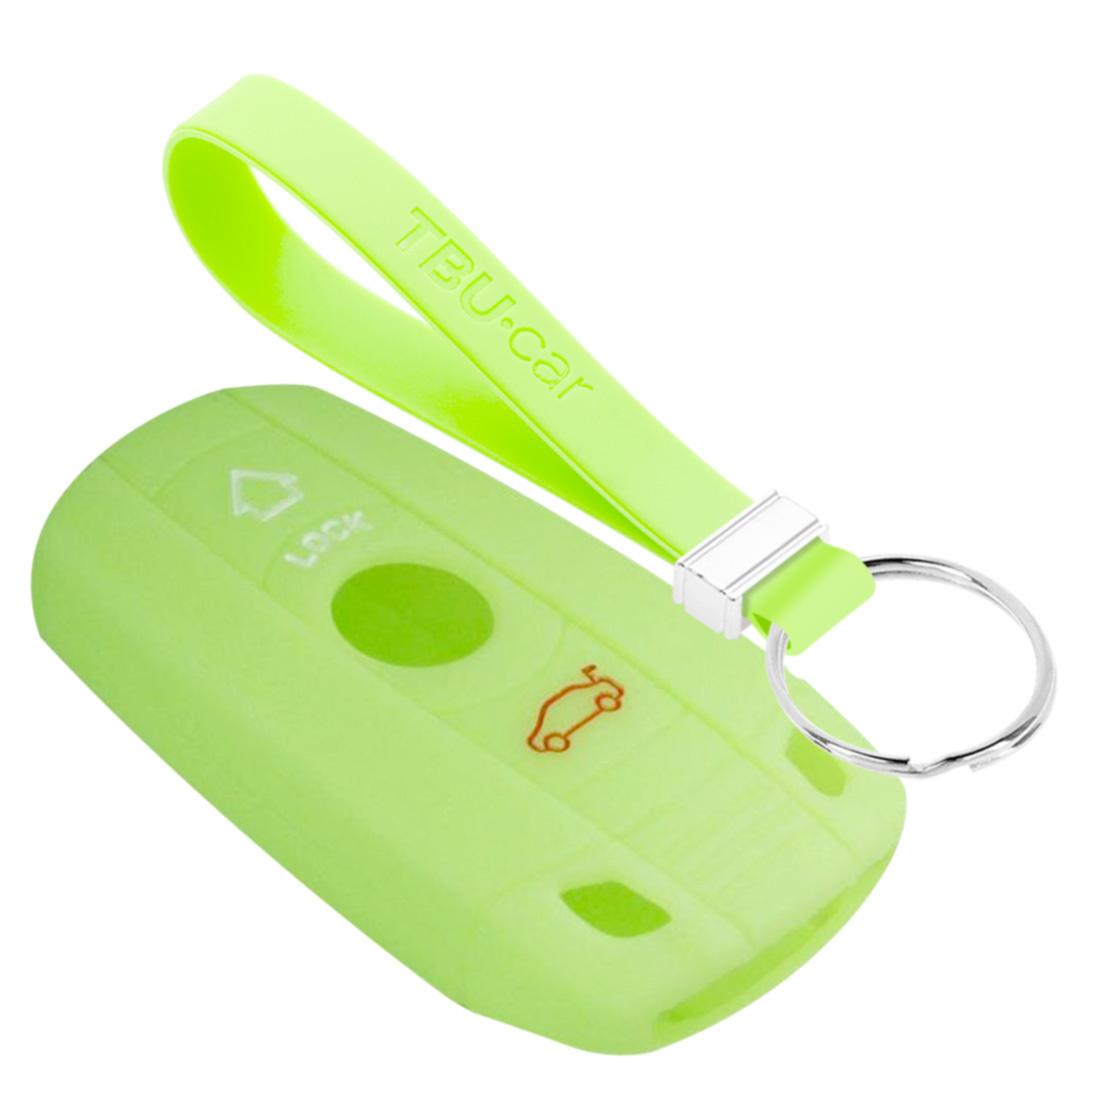 TBU car TBU car Autoschlüssel Hülle kompatibel mit BMW 3 Tasten (Keyless Entry) - Schutzhülle aus Silikon - Auto Schlüsselhülle Cover in Im Dunkeln leuchten